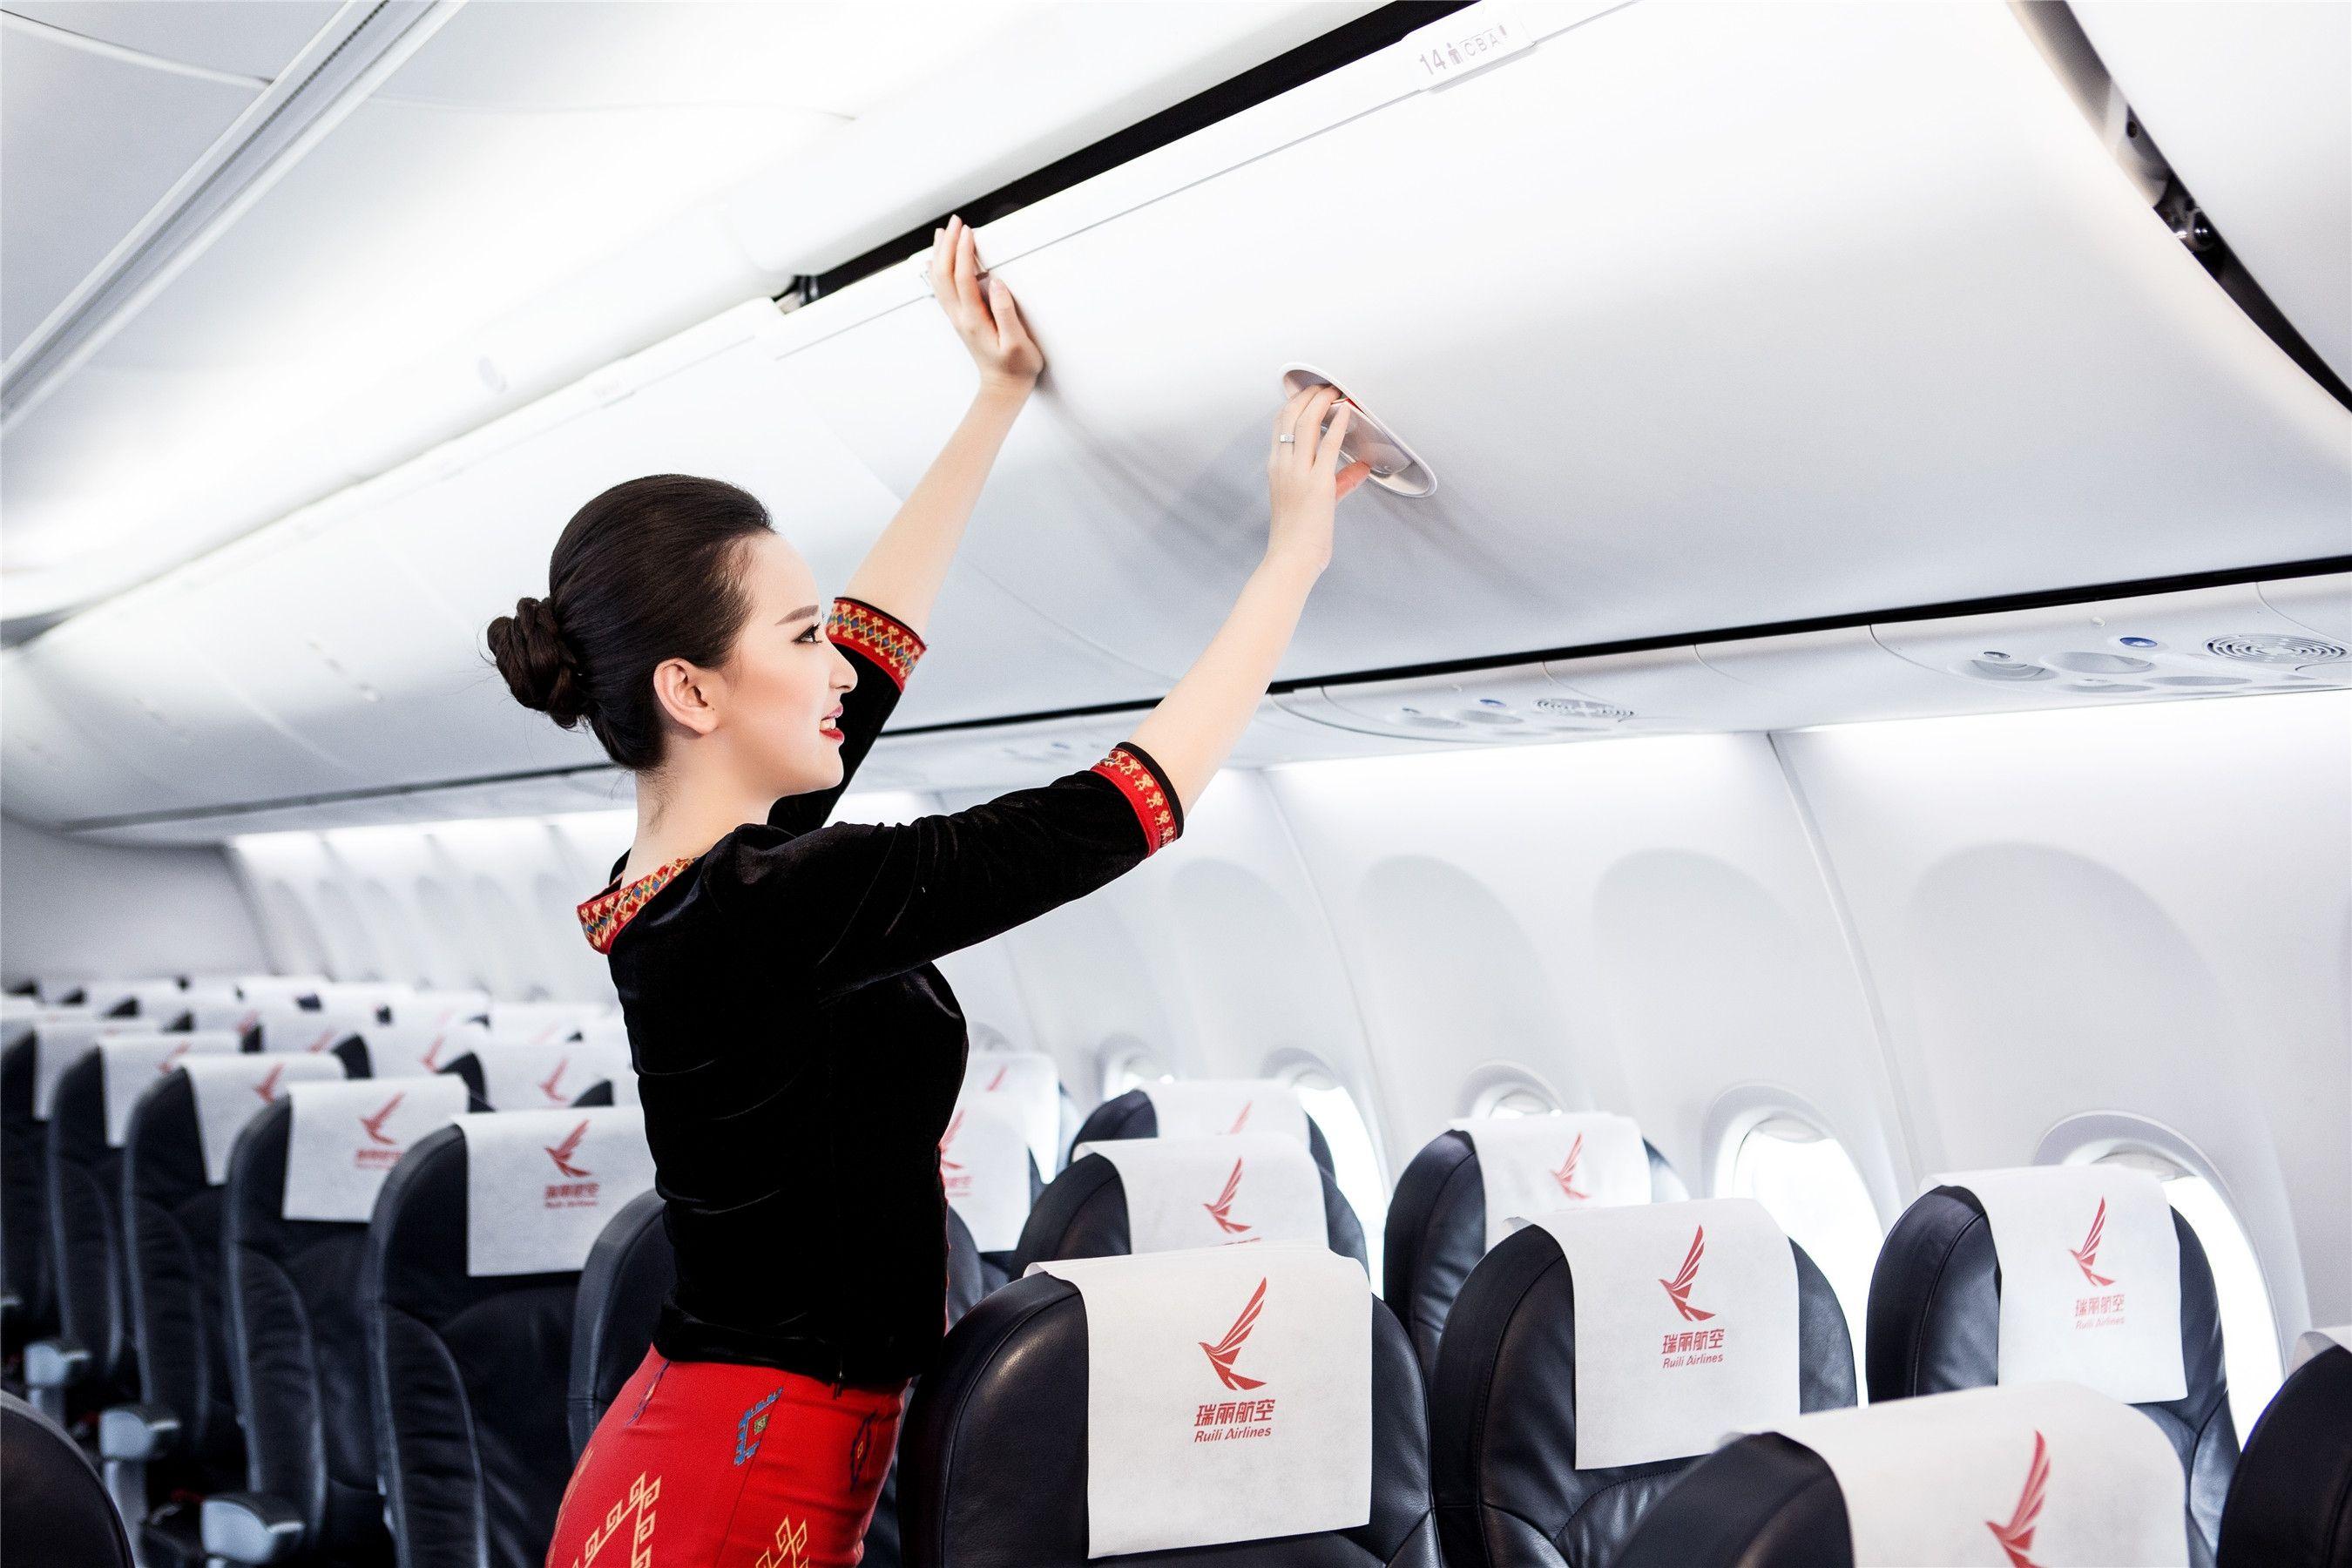 瑞丽航空发布差异化服务全新系列产品